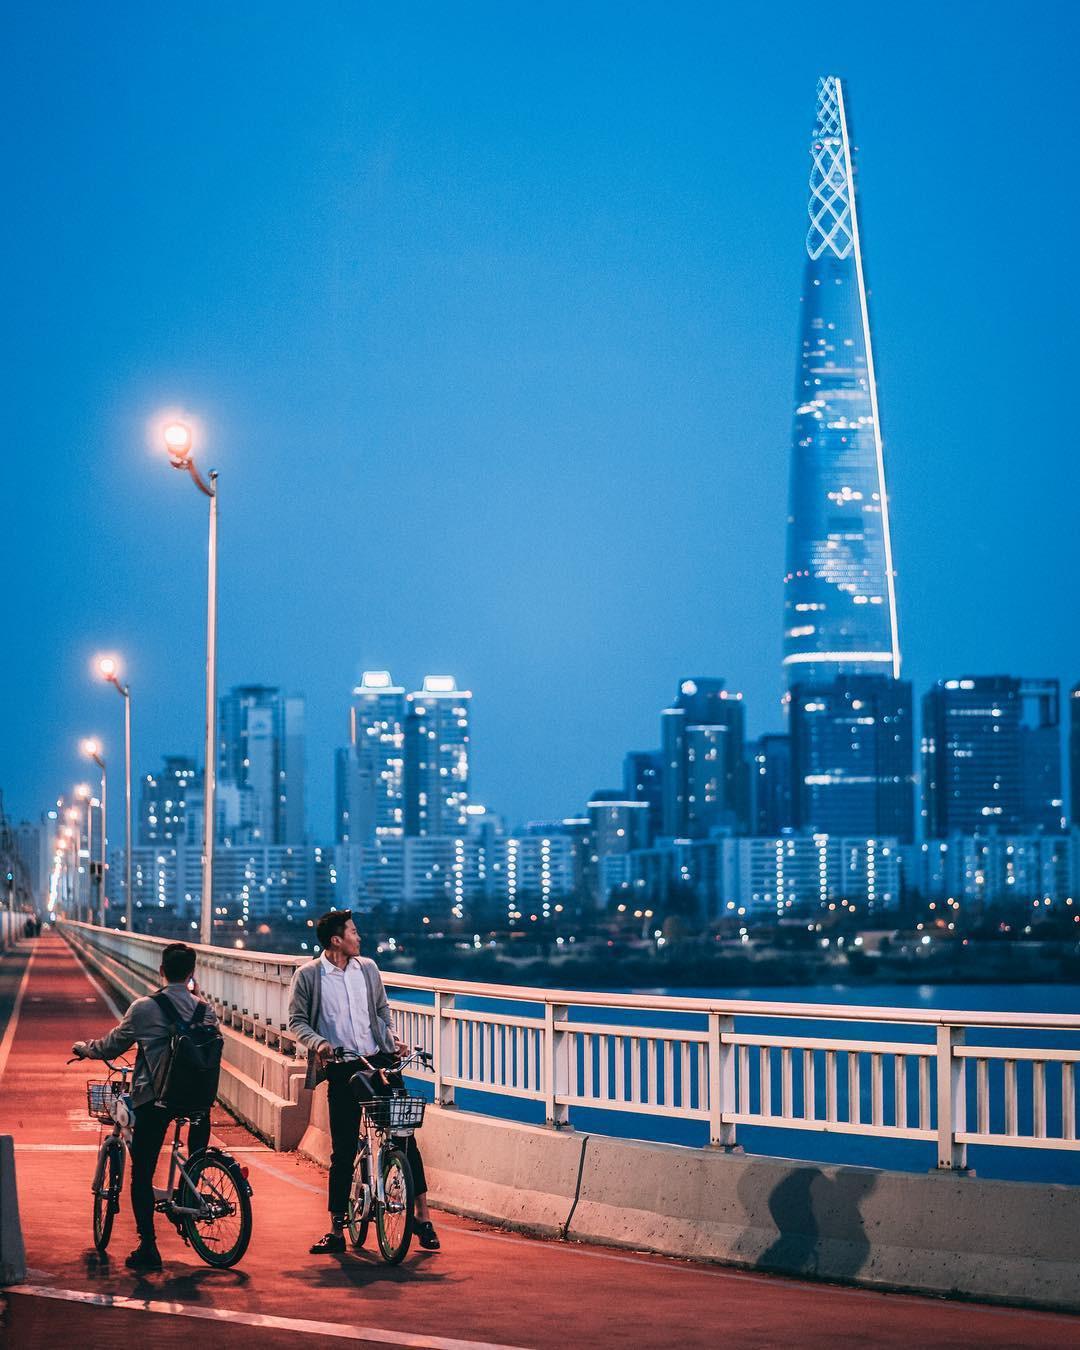 Có một Seoul lãng mạn và bình yên qua nước ảnh trong veo của nhiếp ảnh gia người Mỹ - Ảnh 3.